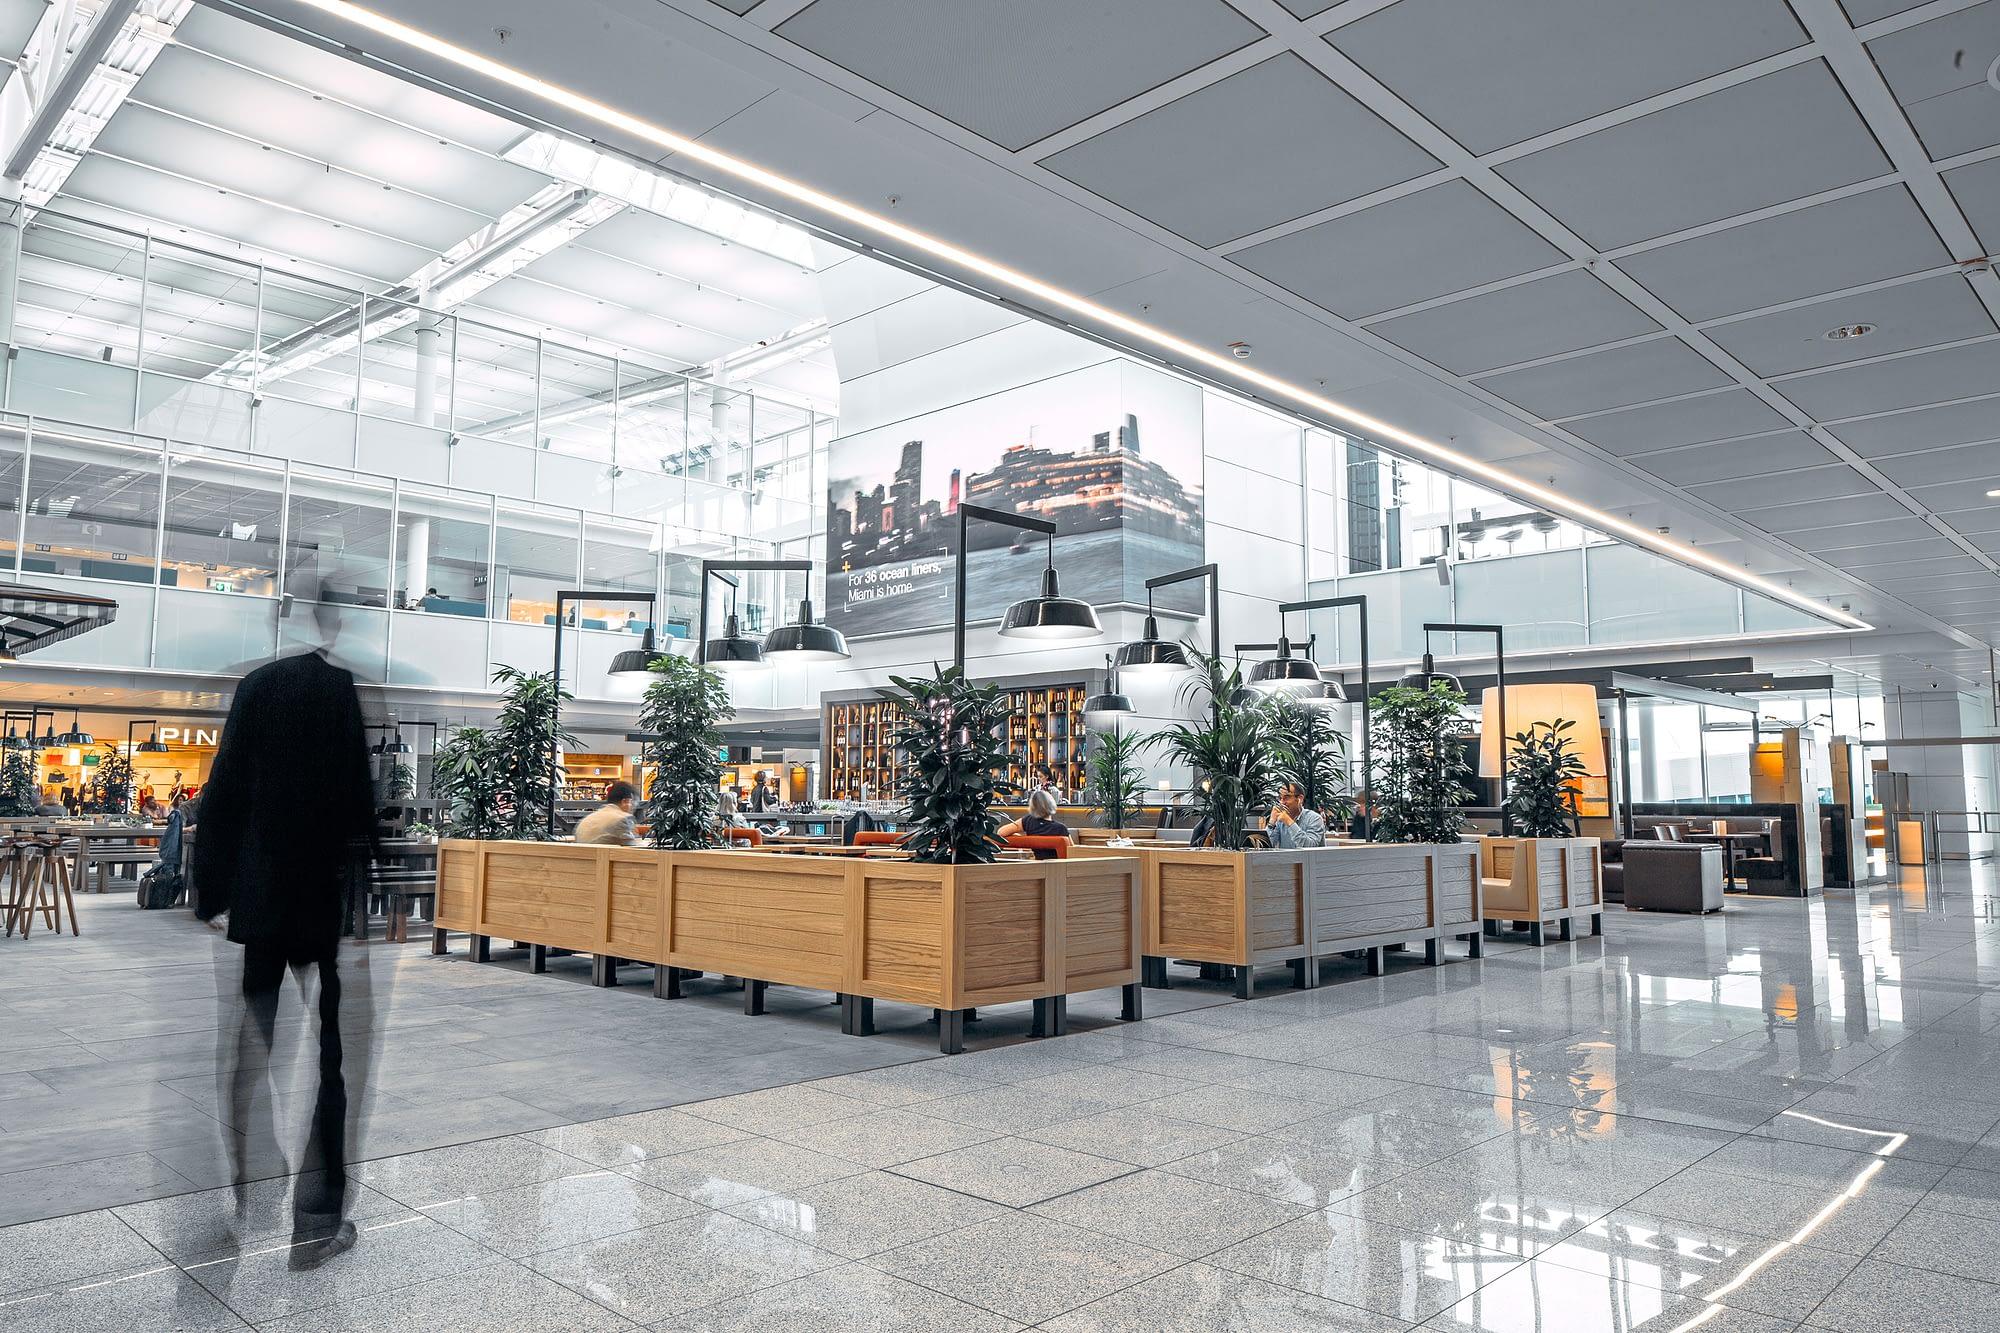 Architekturfotos, Fotograf, Airport-Muenchen-03